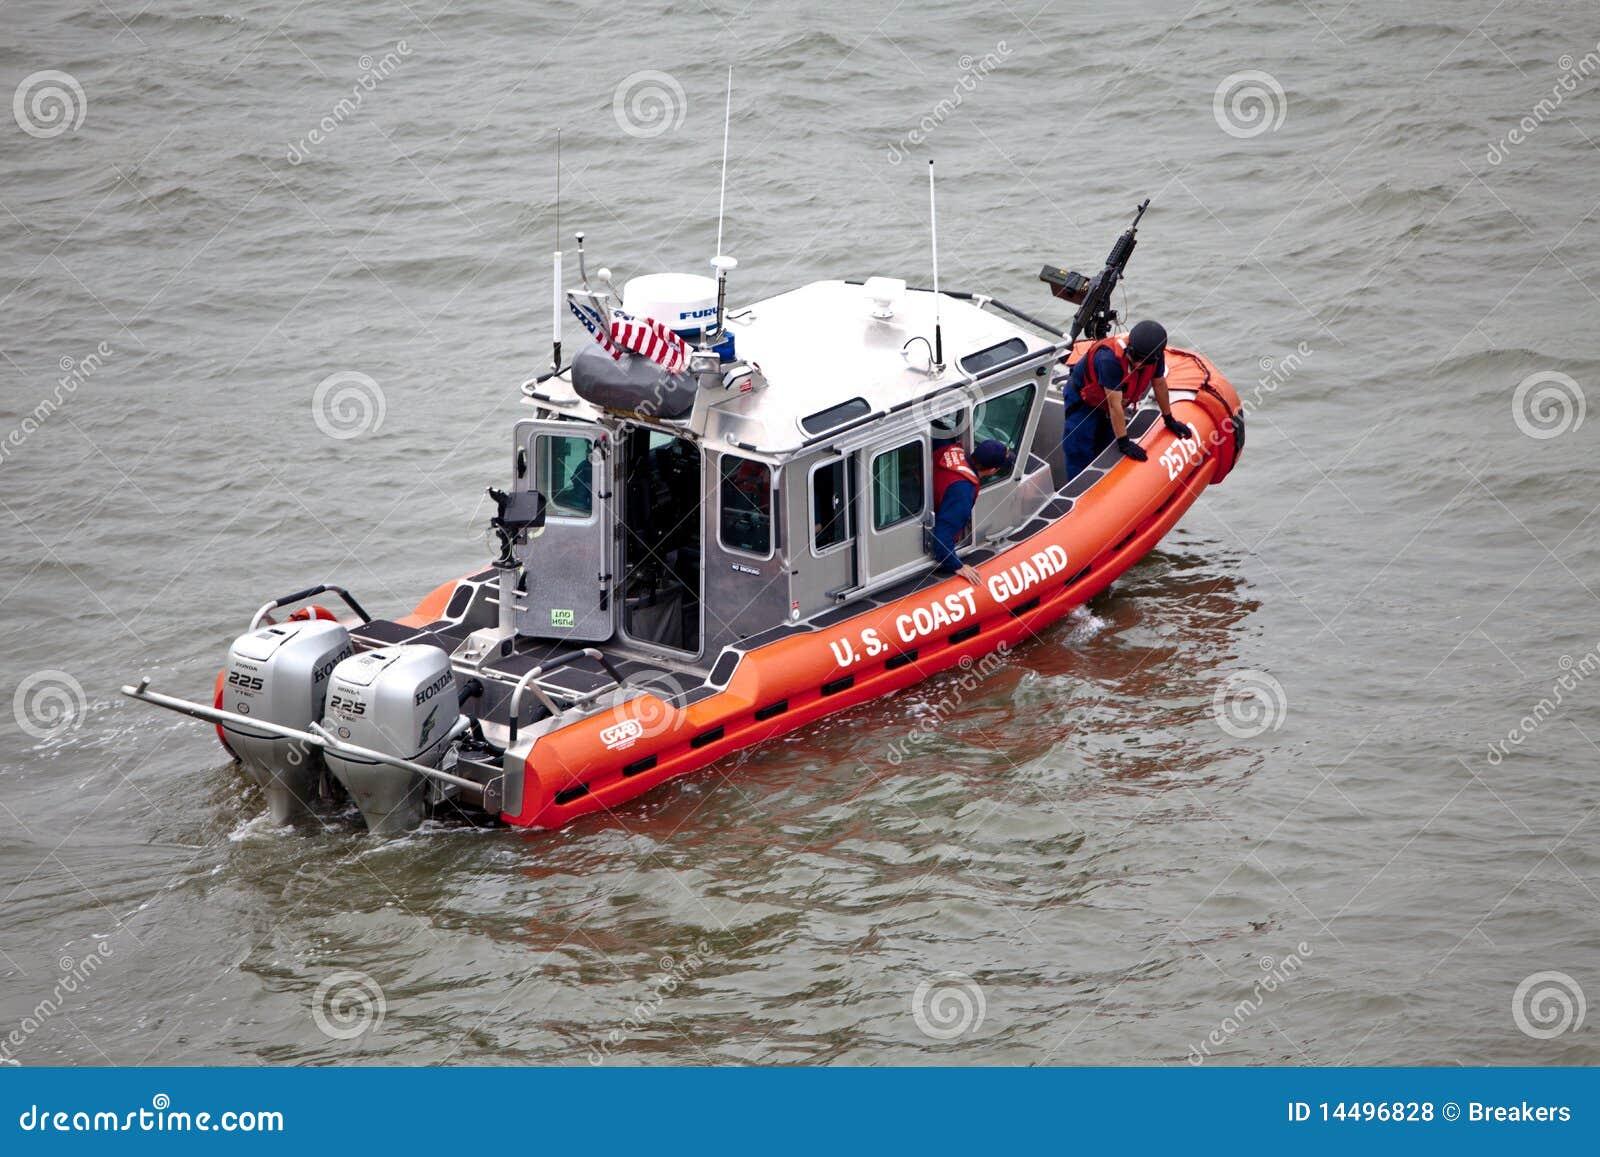 ved hjelp av en eskorte service river